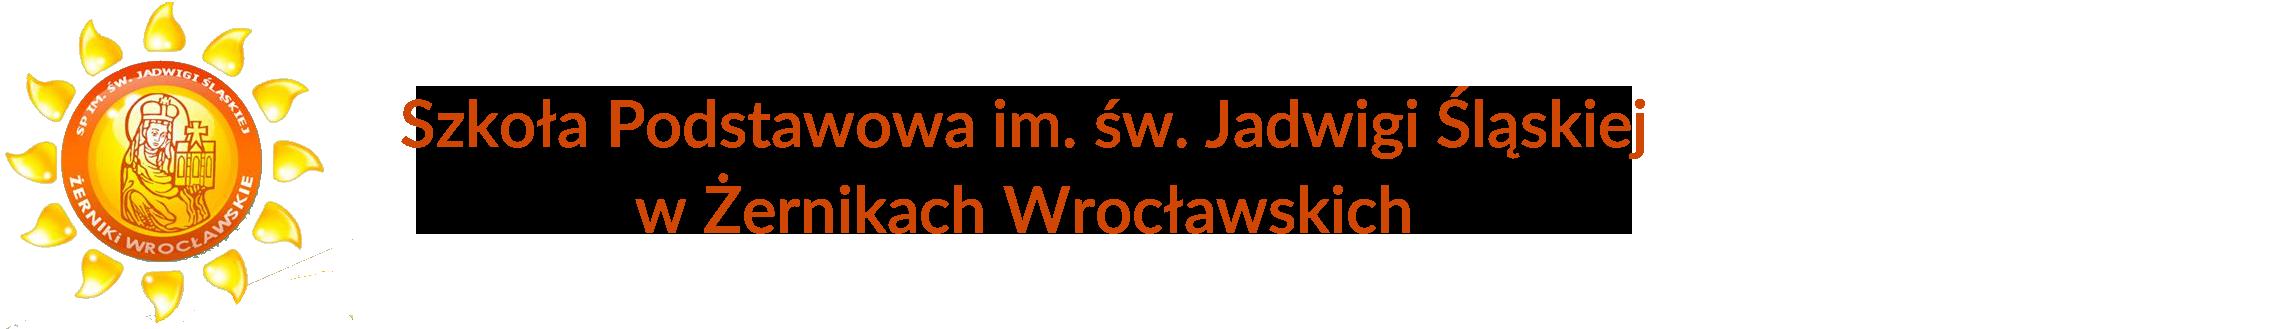 Szkoła Podstawowa w Żernikachach Wrocławskich